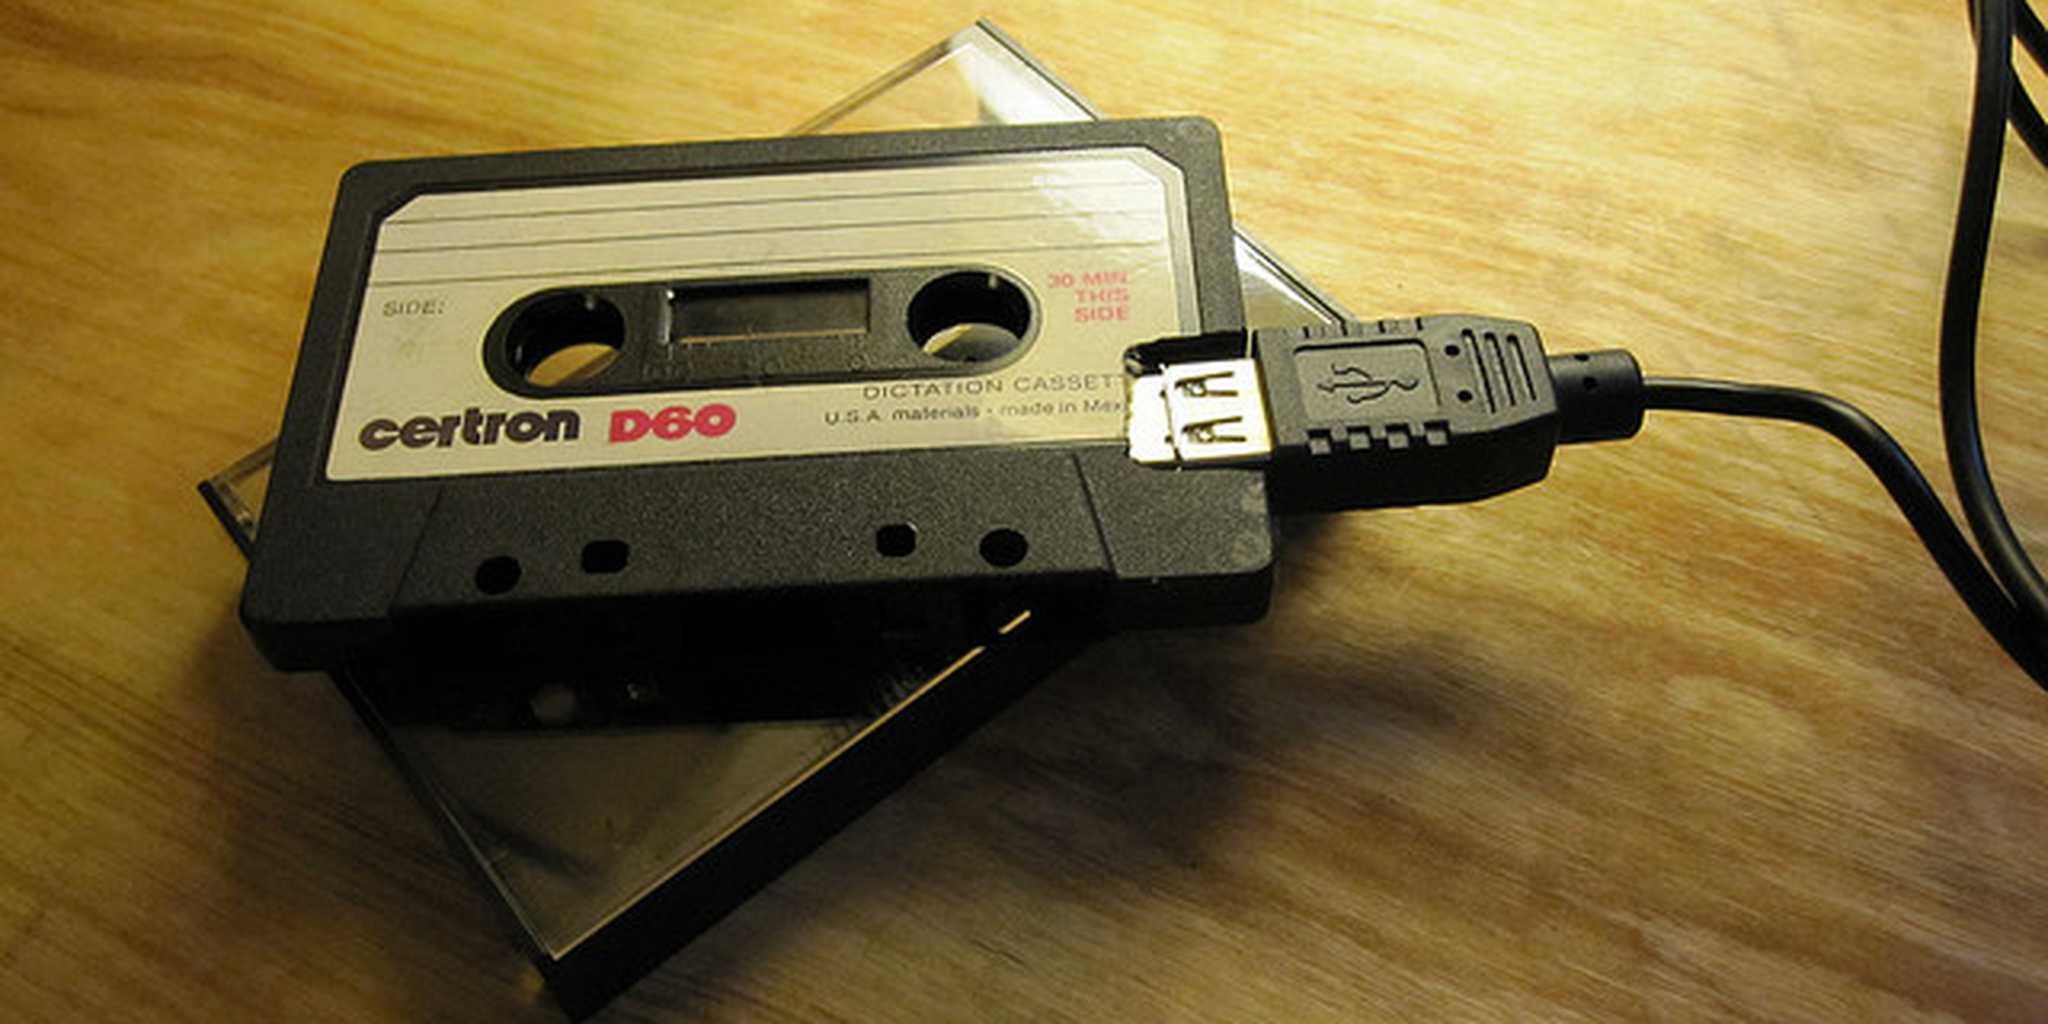 USB Mixtape | Flickr - Photo Sharing!